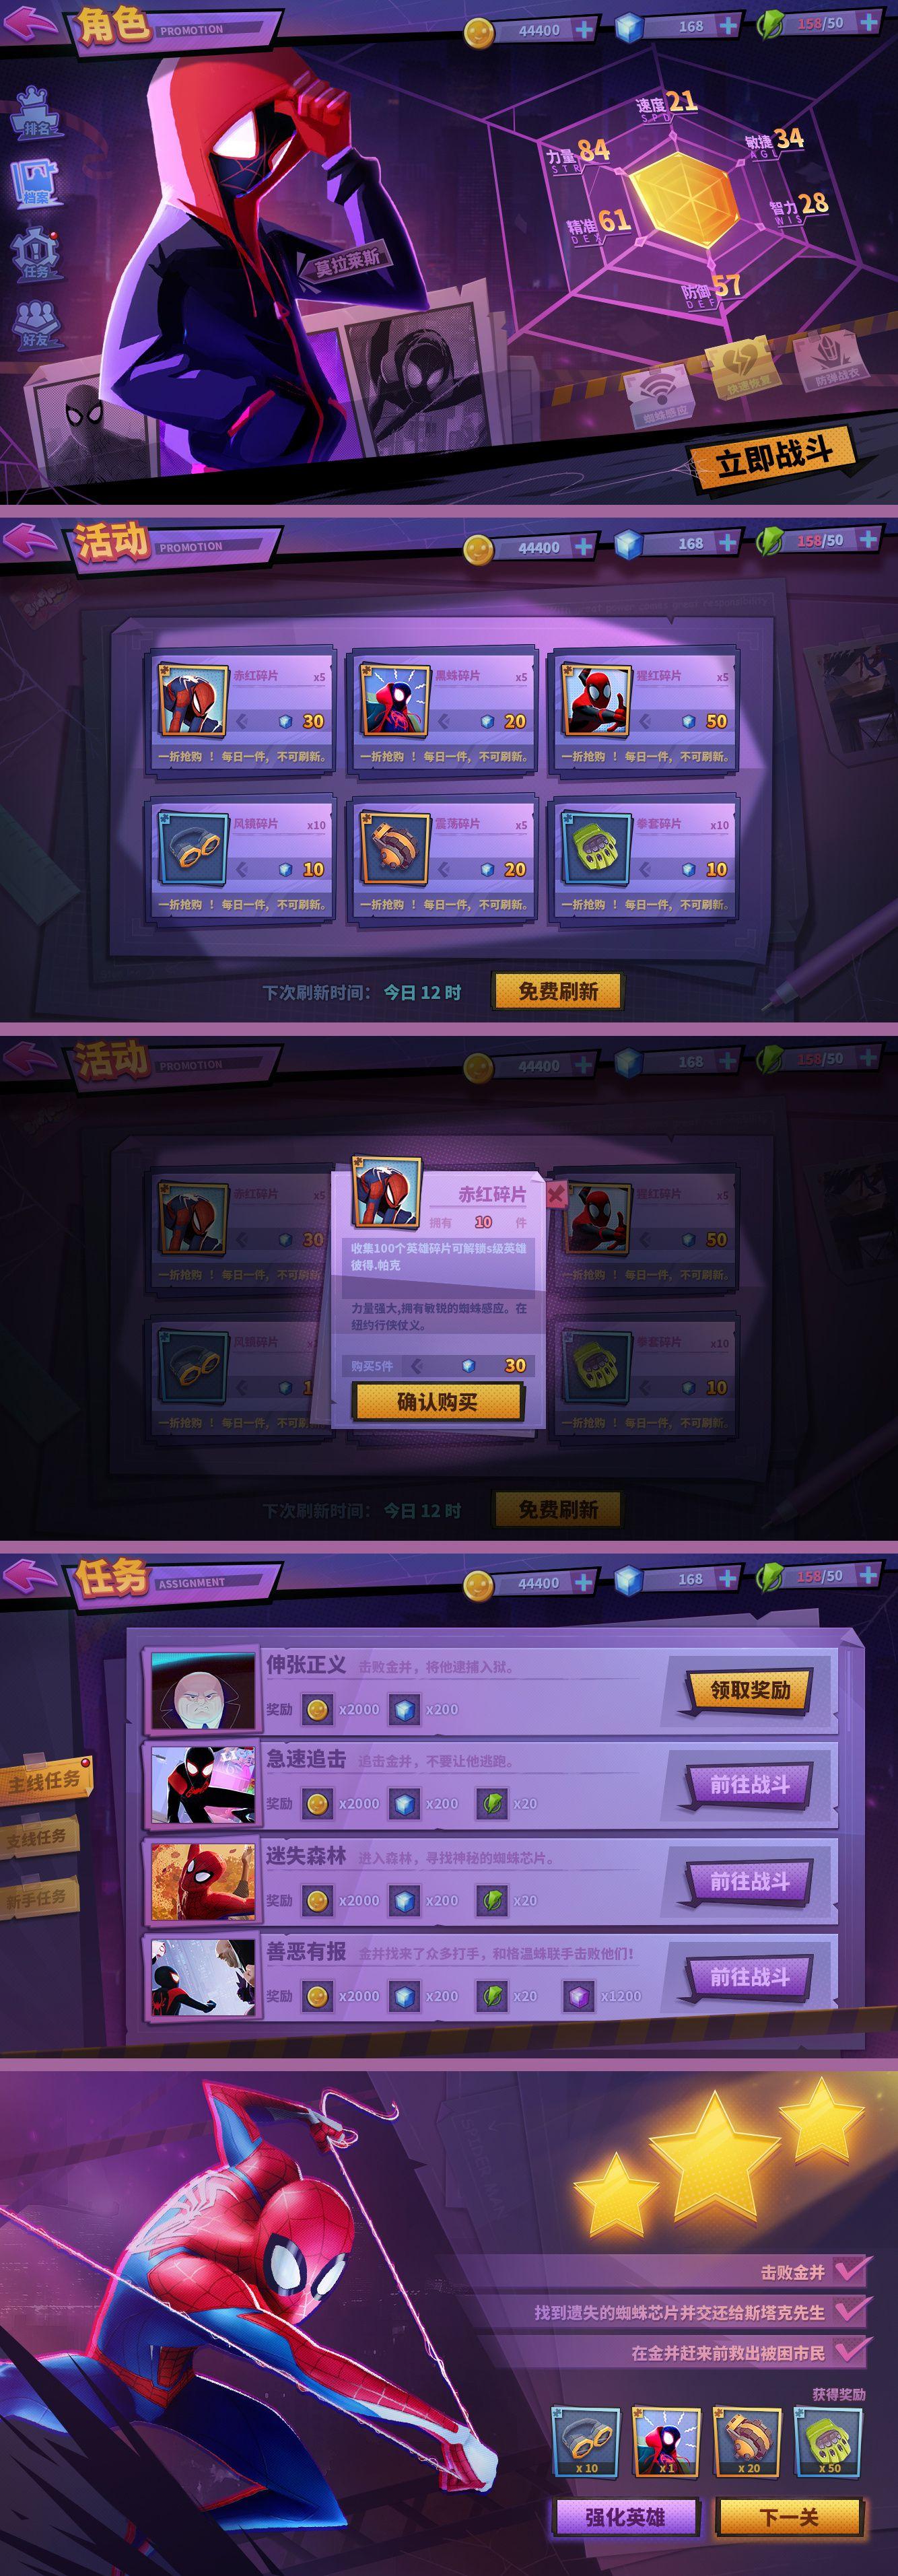 蜘蛛侠-平行宇宙|UI|游戏UI|NA13SH         - 原创作品 #gameinterface